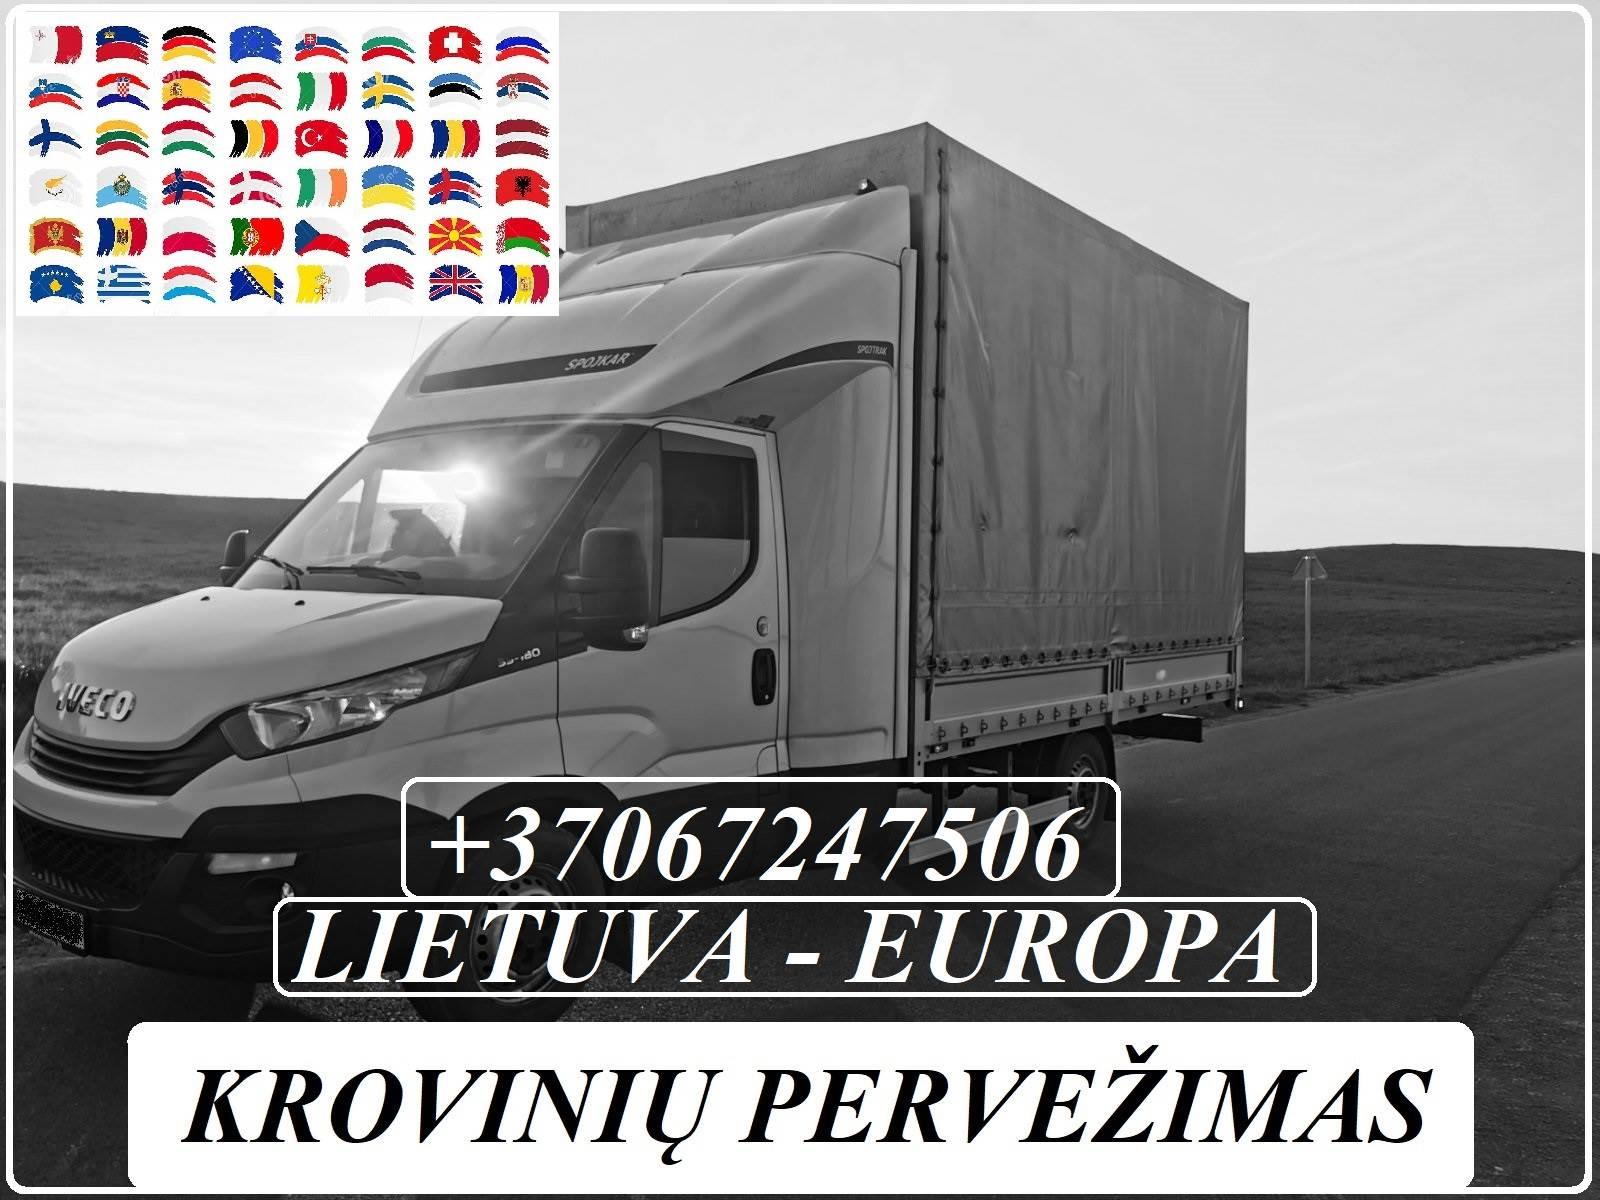 Pirčių pervežimai, perkraustymai baldų,įmonių, gyventojų. LIETUVA/EUROPA/LIETUVA EL.PAŠTAS: info@voris.lt SKYPE: voris.uab TEL.NR.: +37067247506 viber